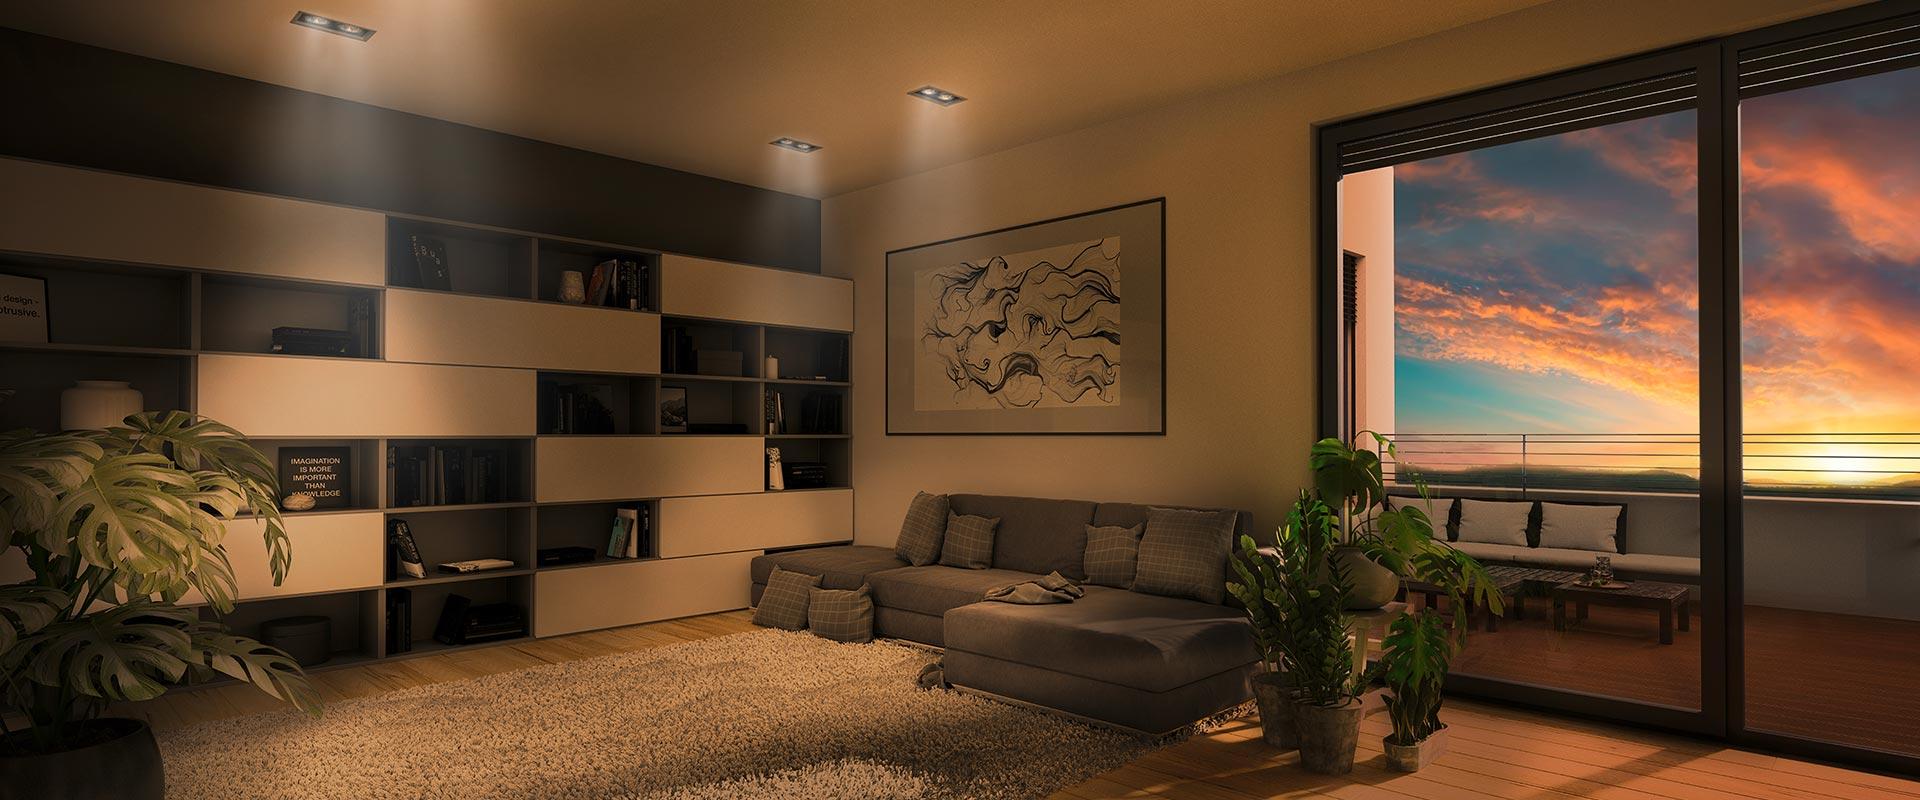 Panoramapark | Innenvisualisierung Wohnzimmer